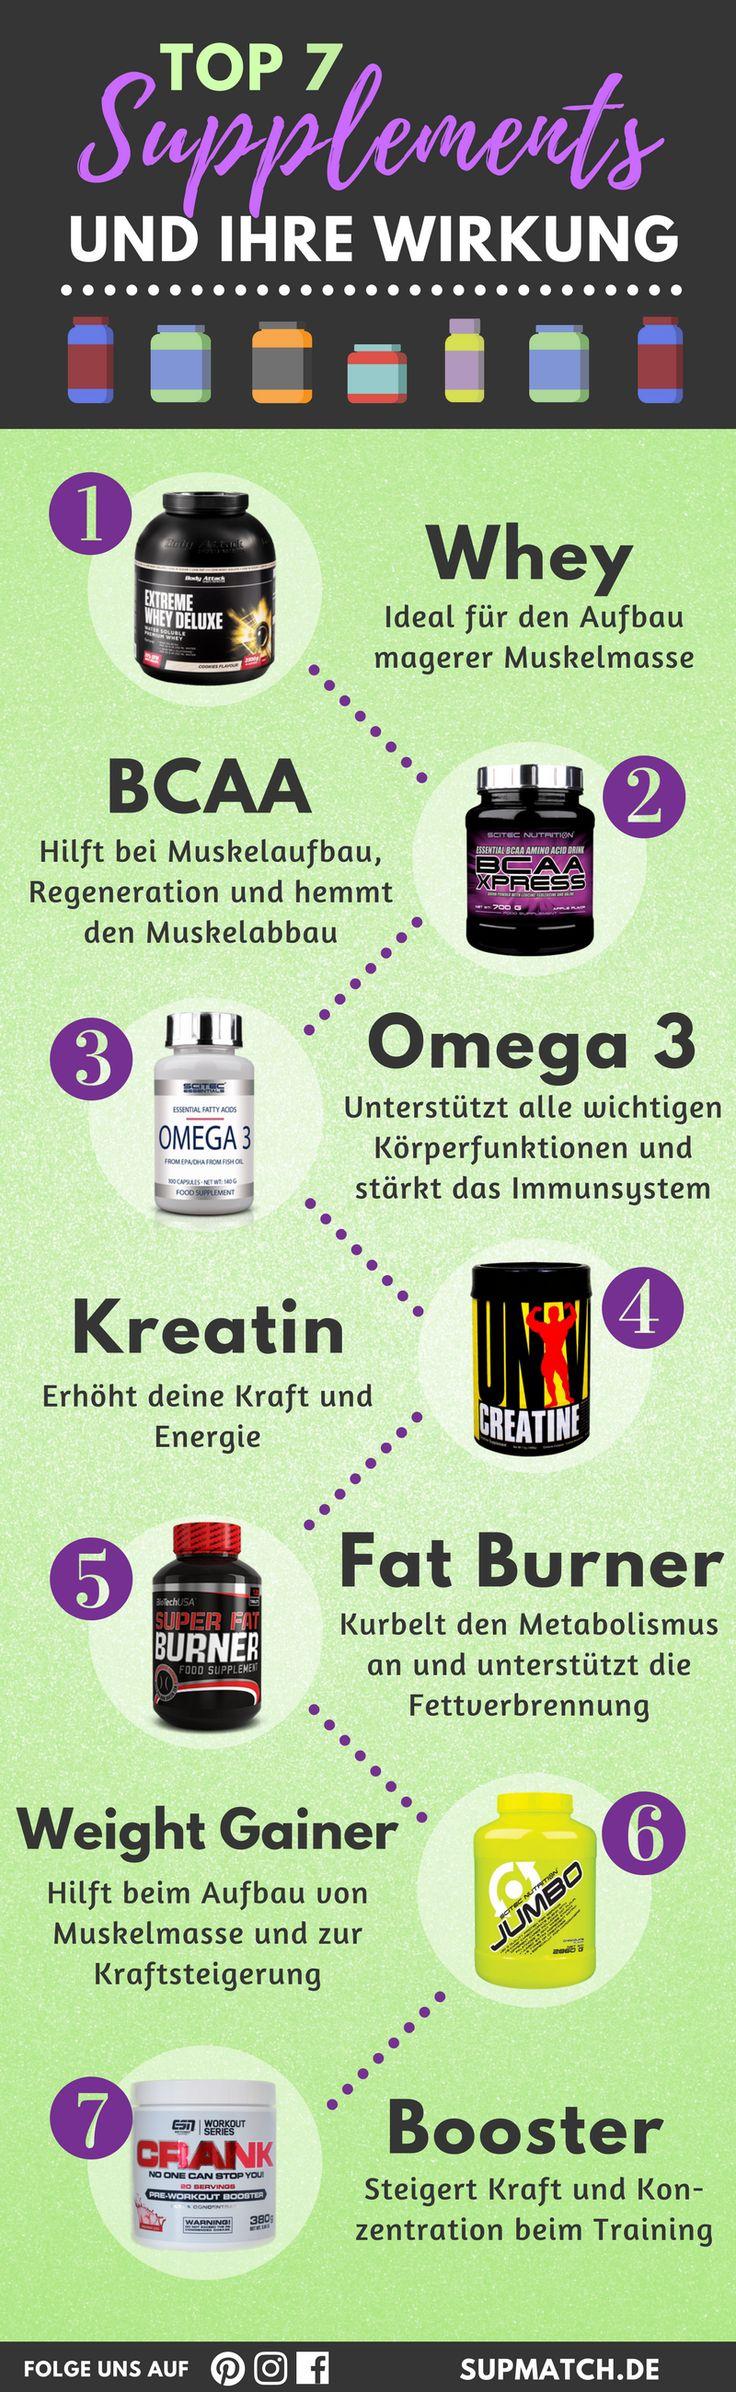 Die 7 meist konsumierten Supplements und wie sie wirken.